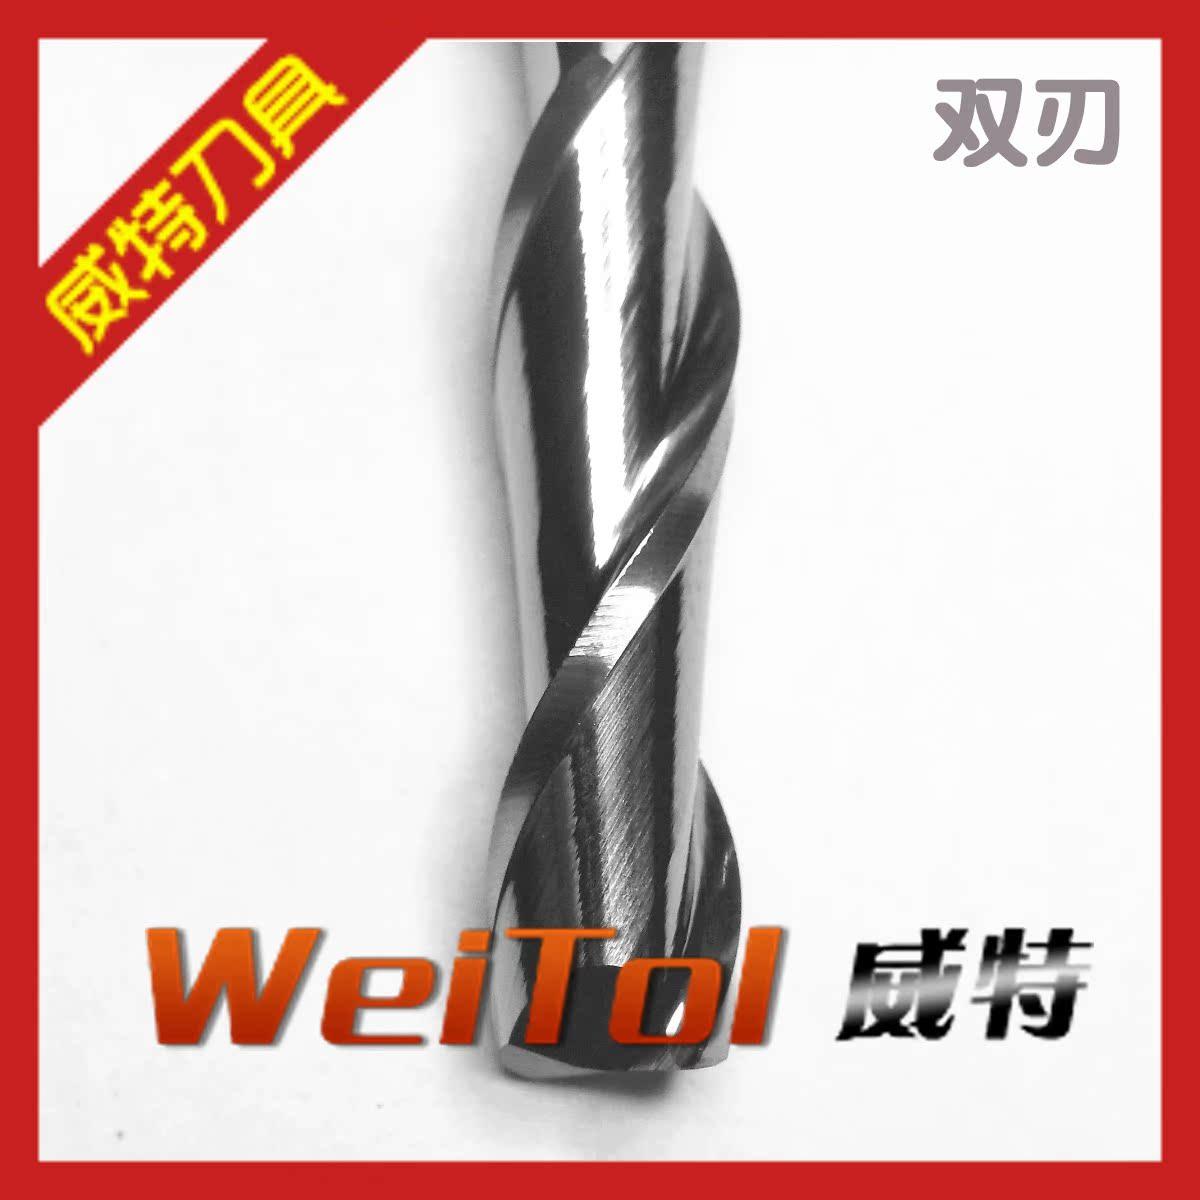 Режущий инструмент Weitol  3.175